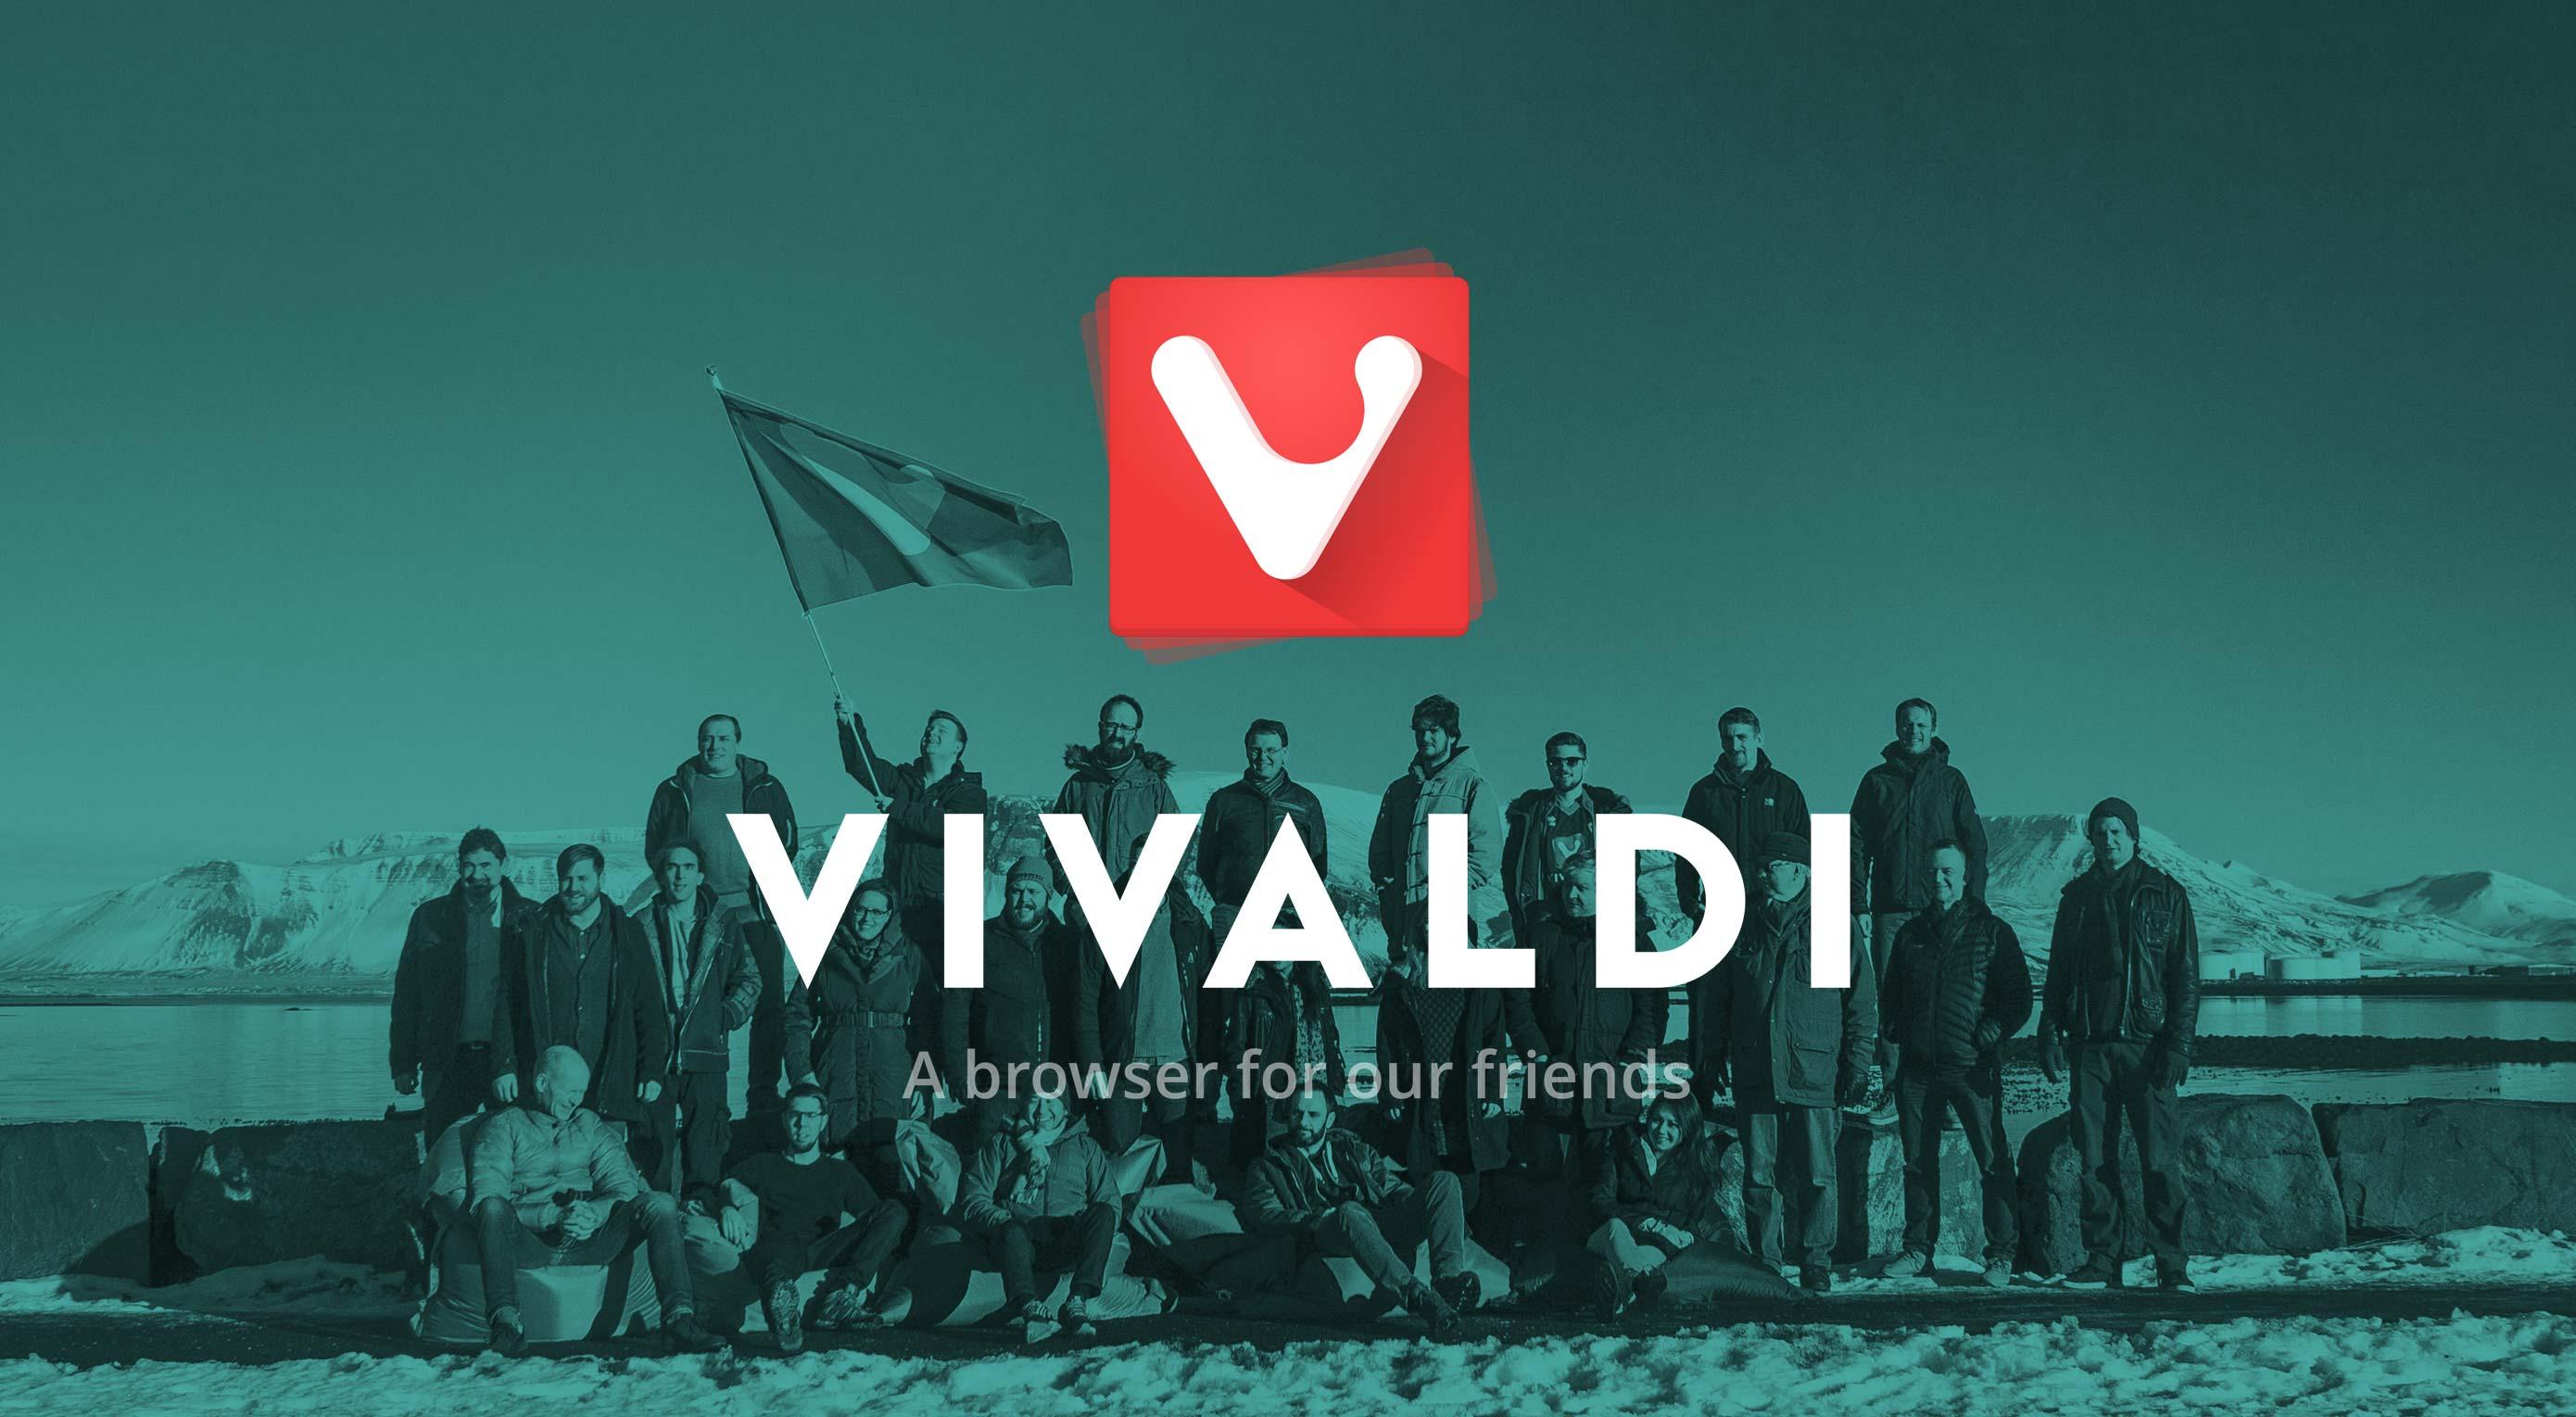 Vivaldi 1.0 unleashed